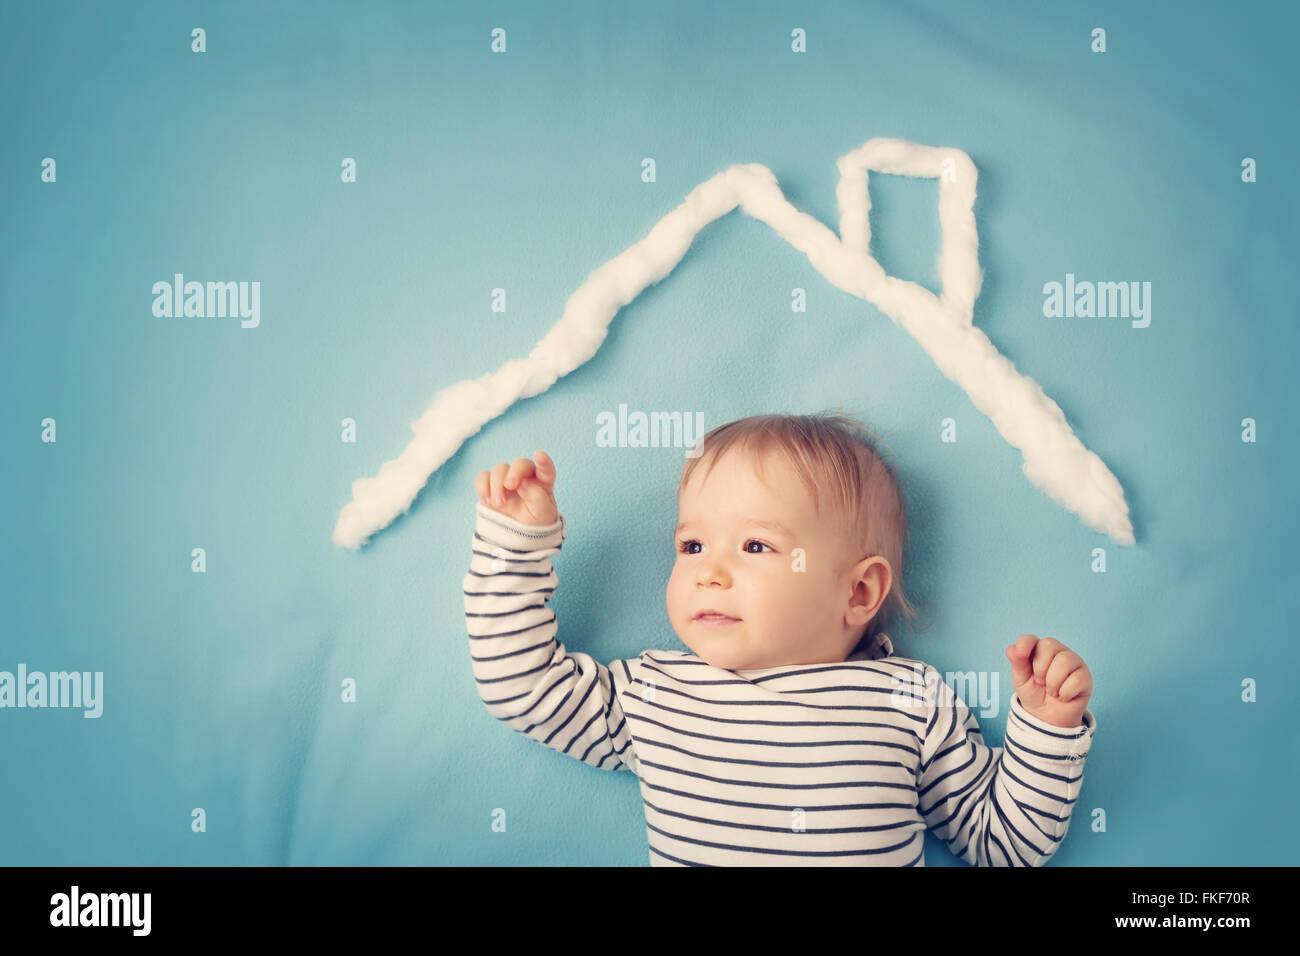 kleiner Junge mit Form des Hauses Stockbild